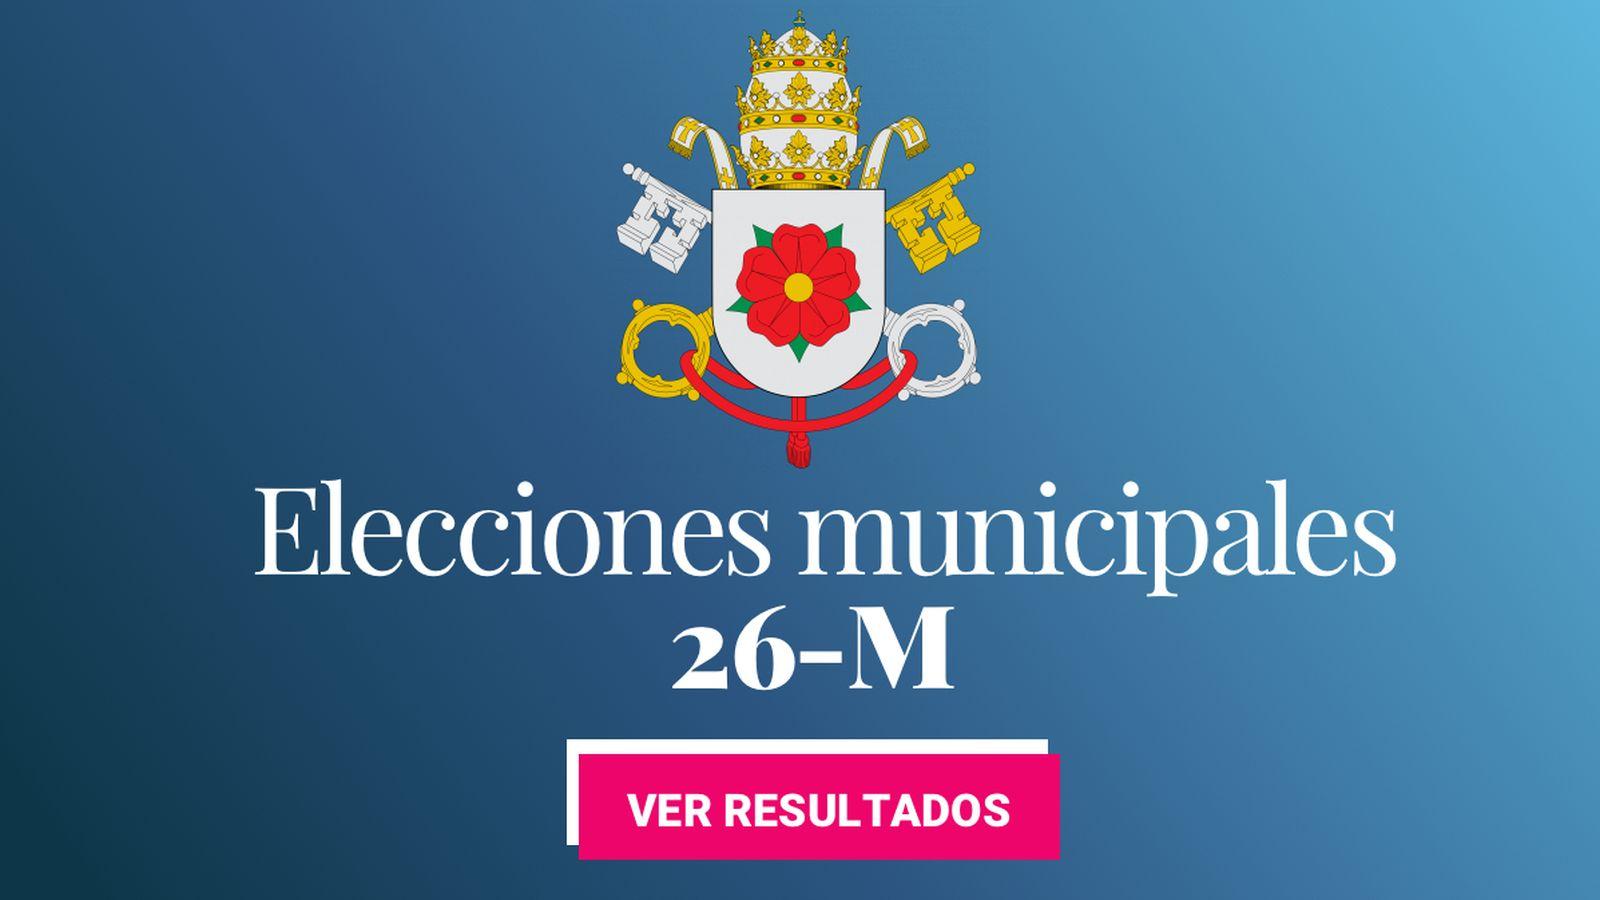 Foto: Elecciones municipales 2019 en Reus. (C.C./EC)